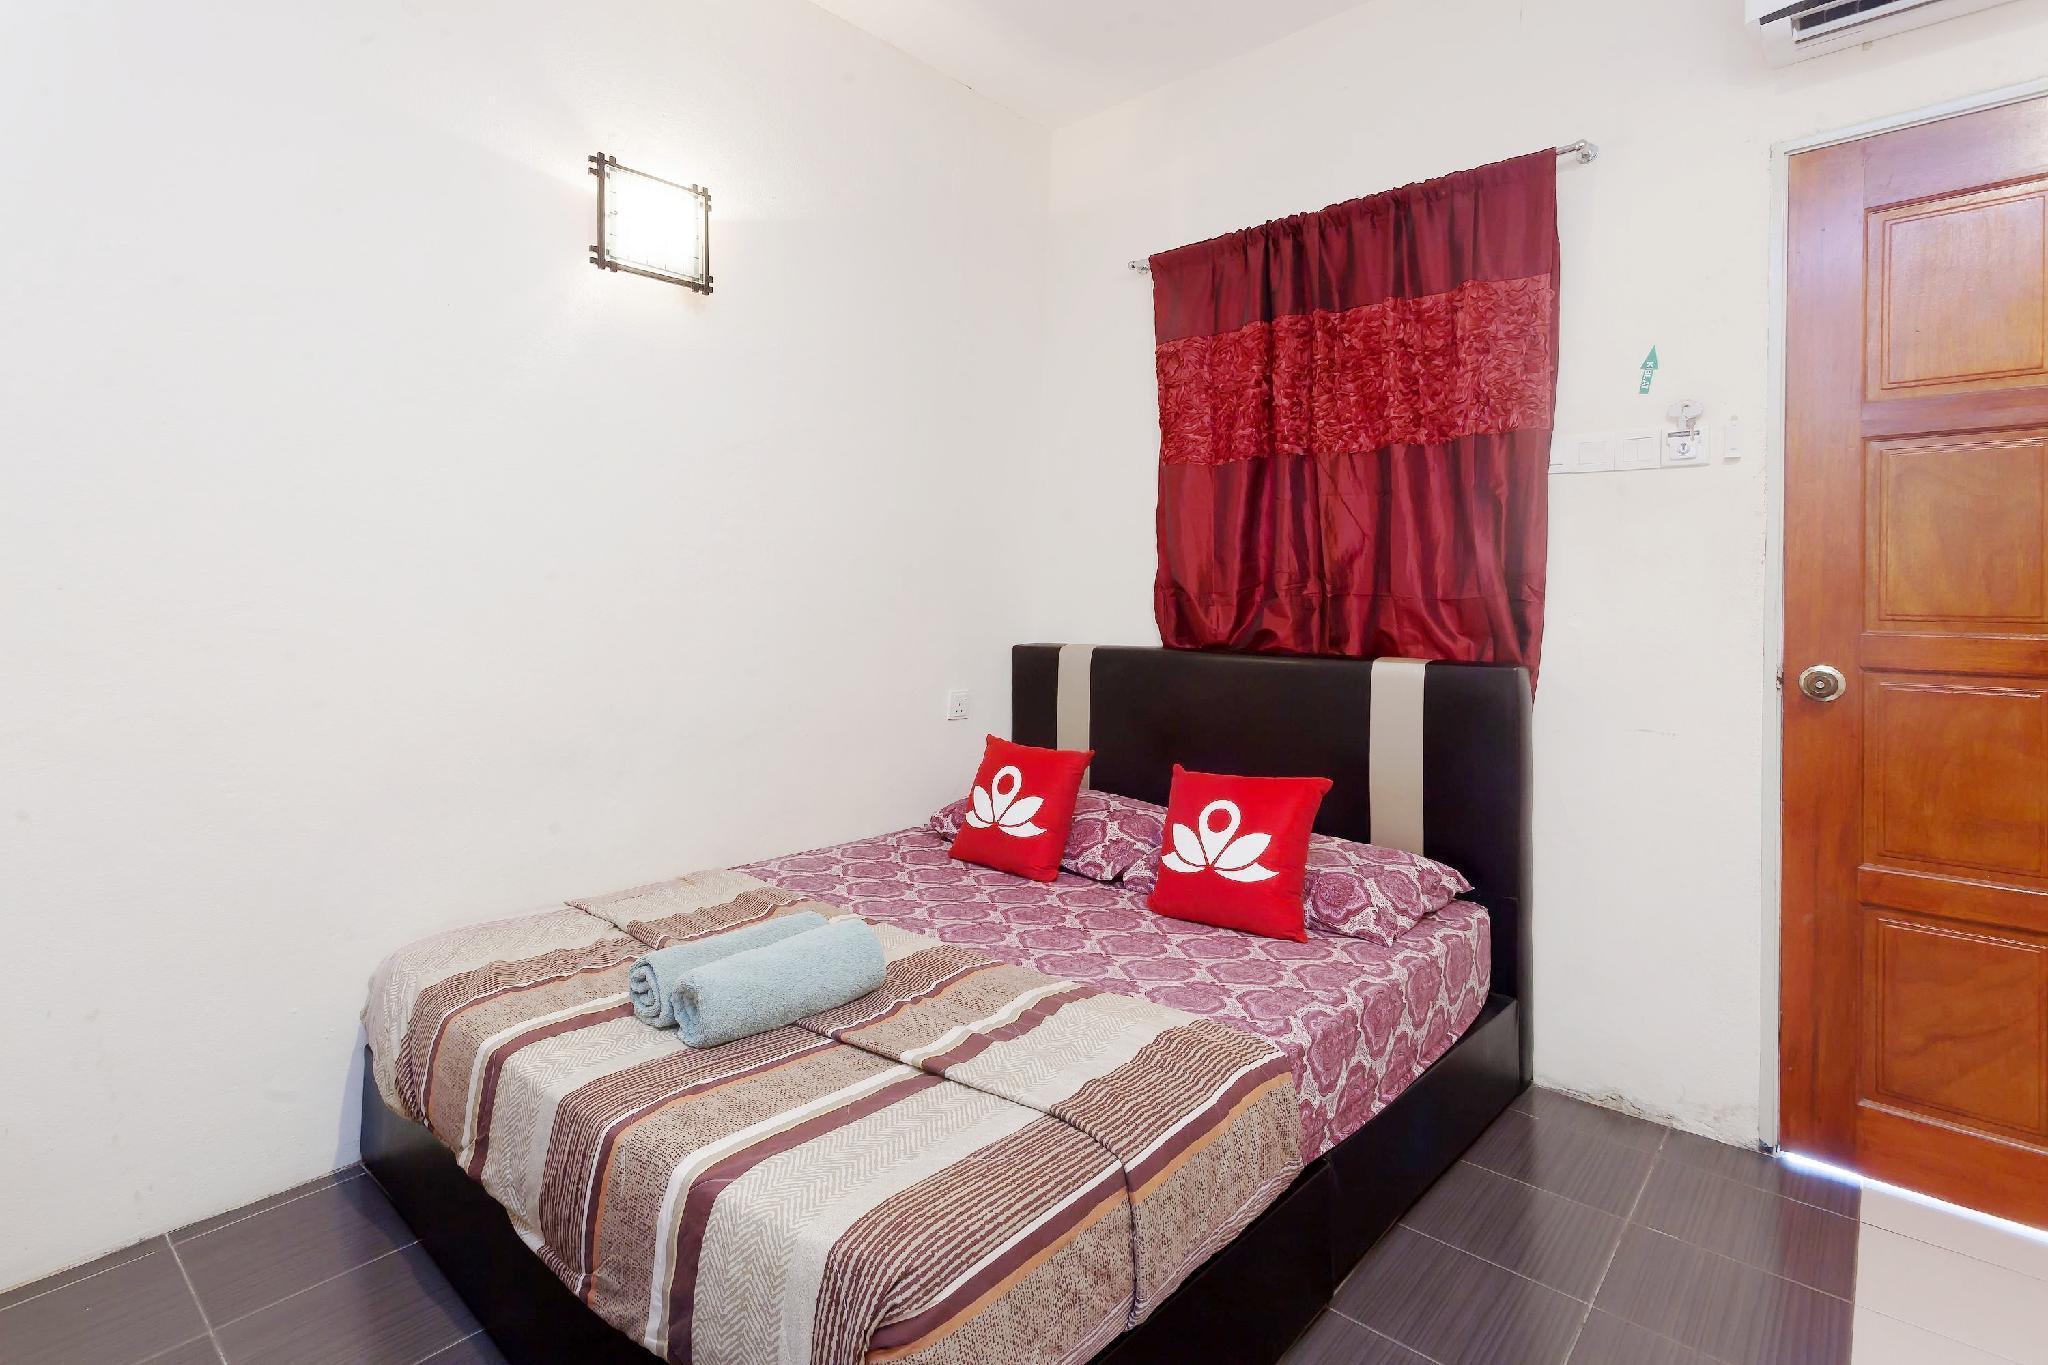 ZEN Rooms Jalan Bohor